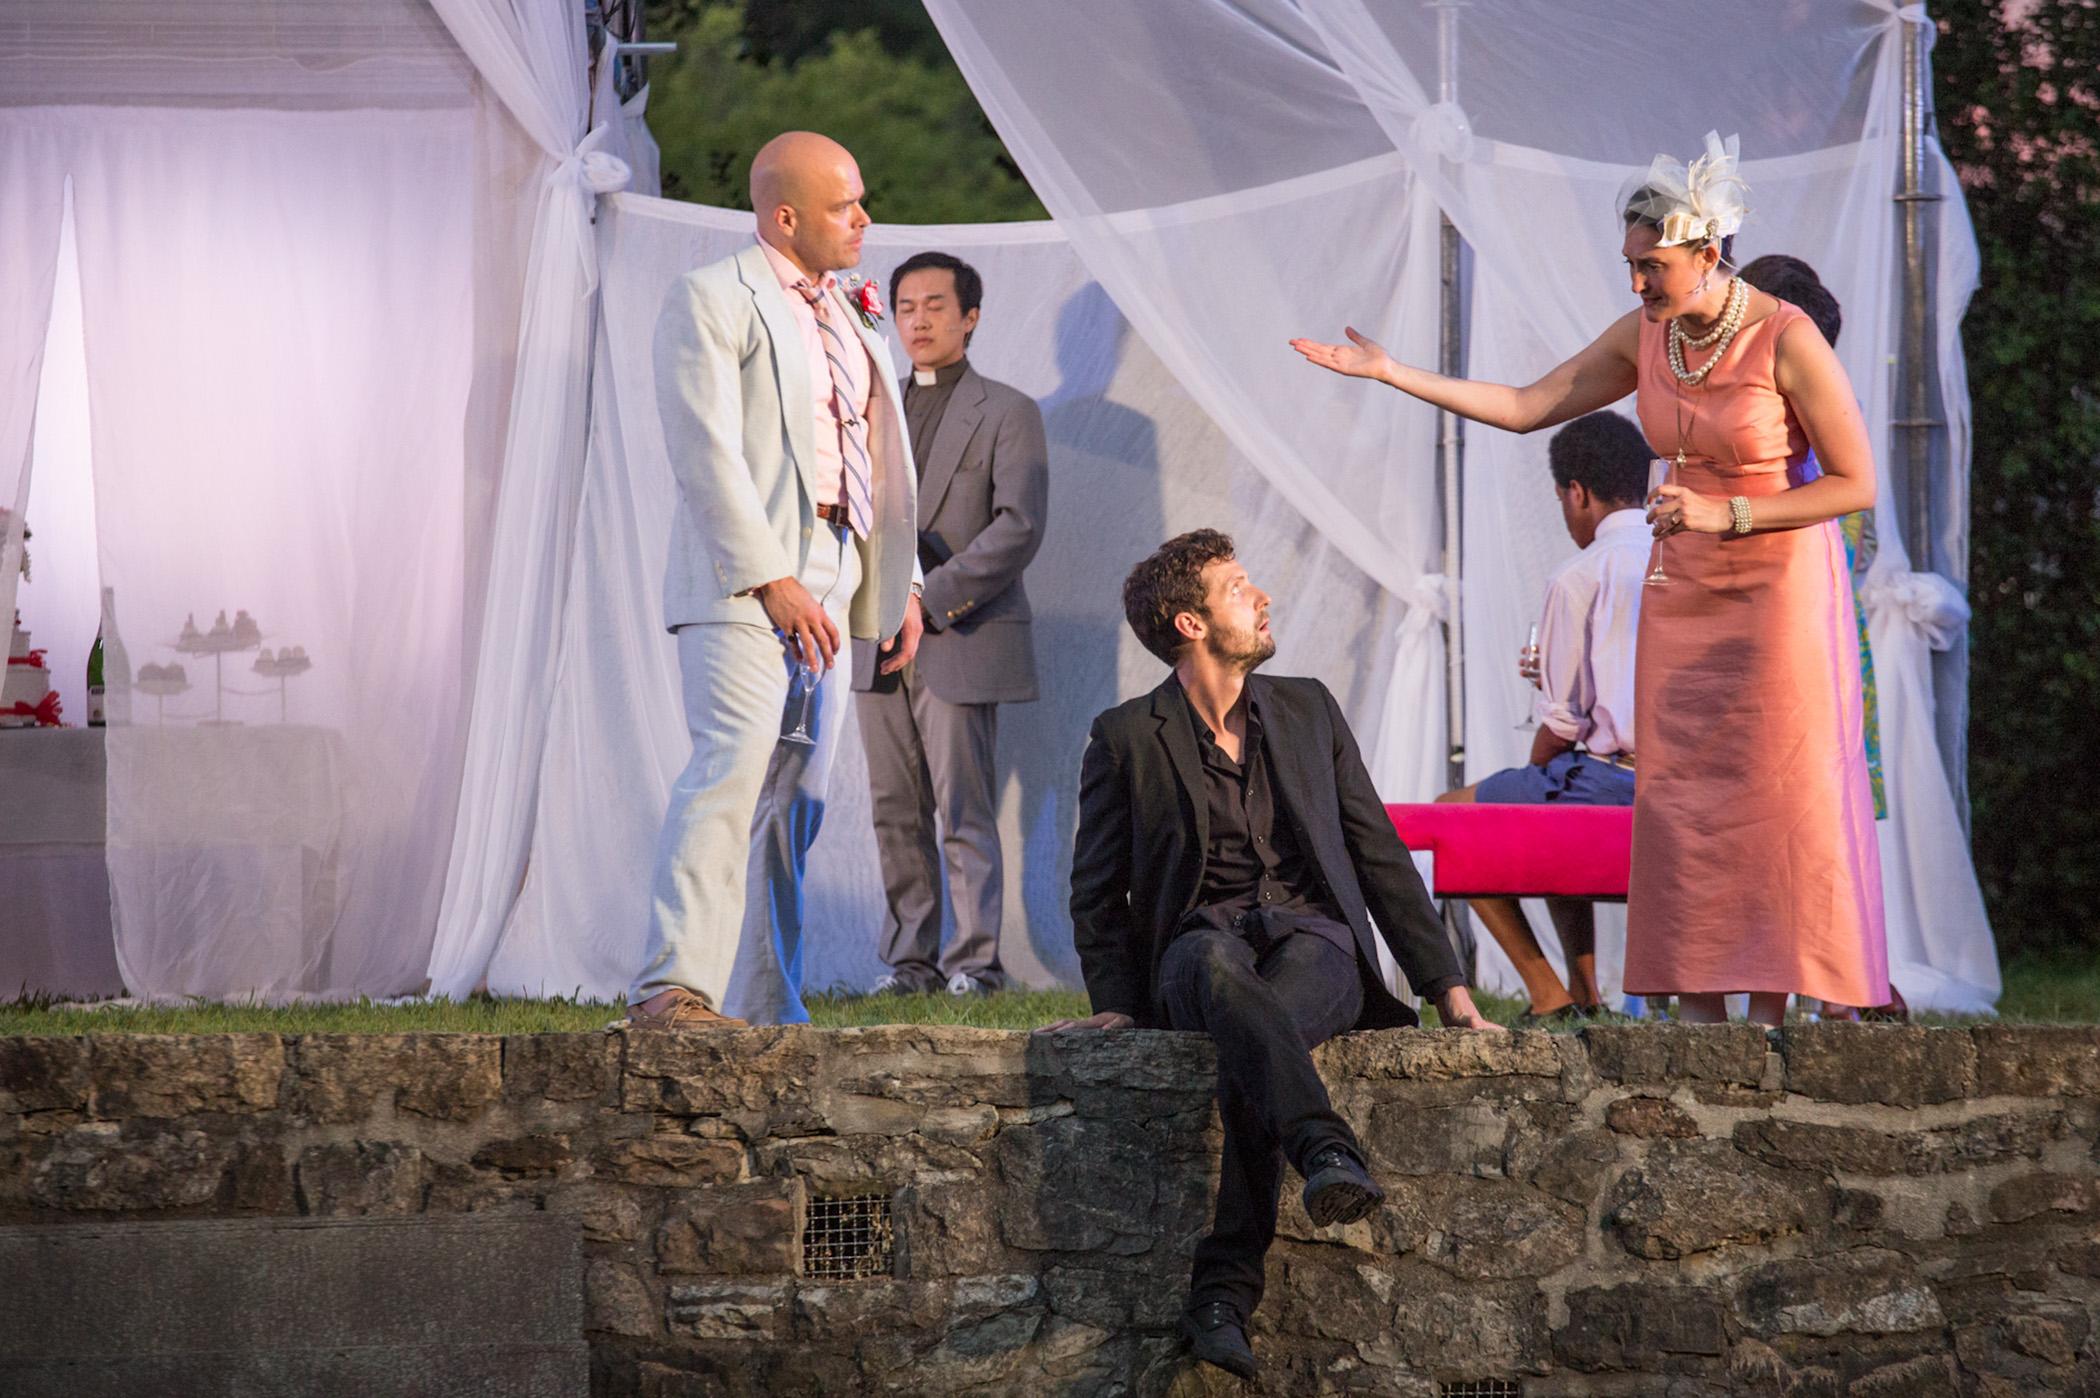 Liz Wisan (Gertrude), Slate Holmgren (Claudius) and Me